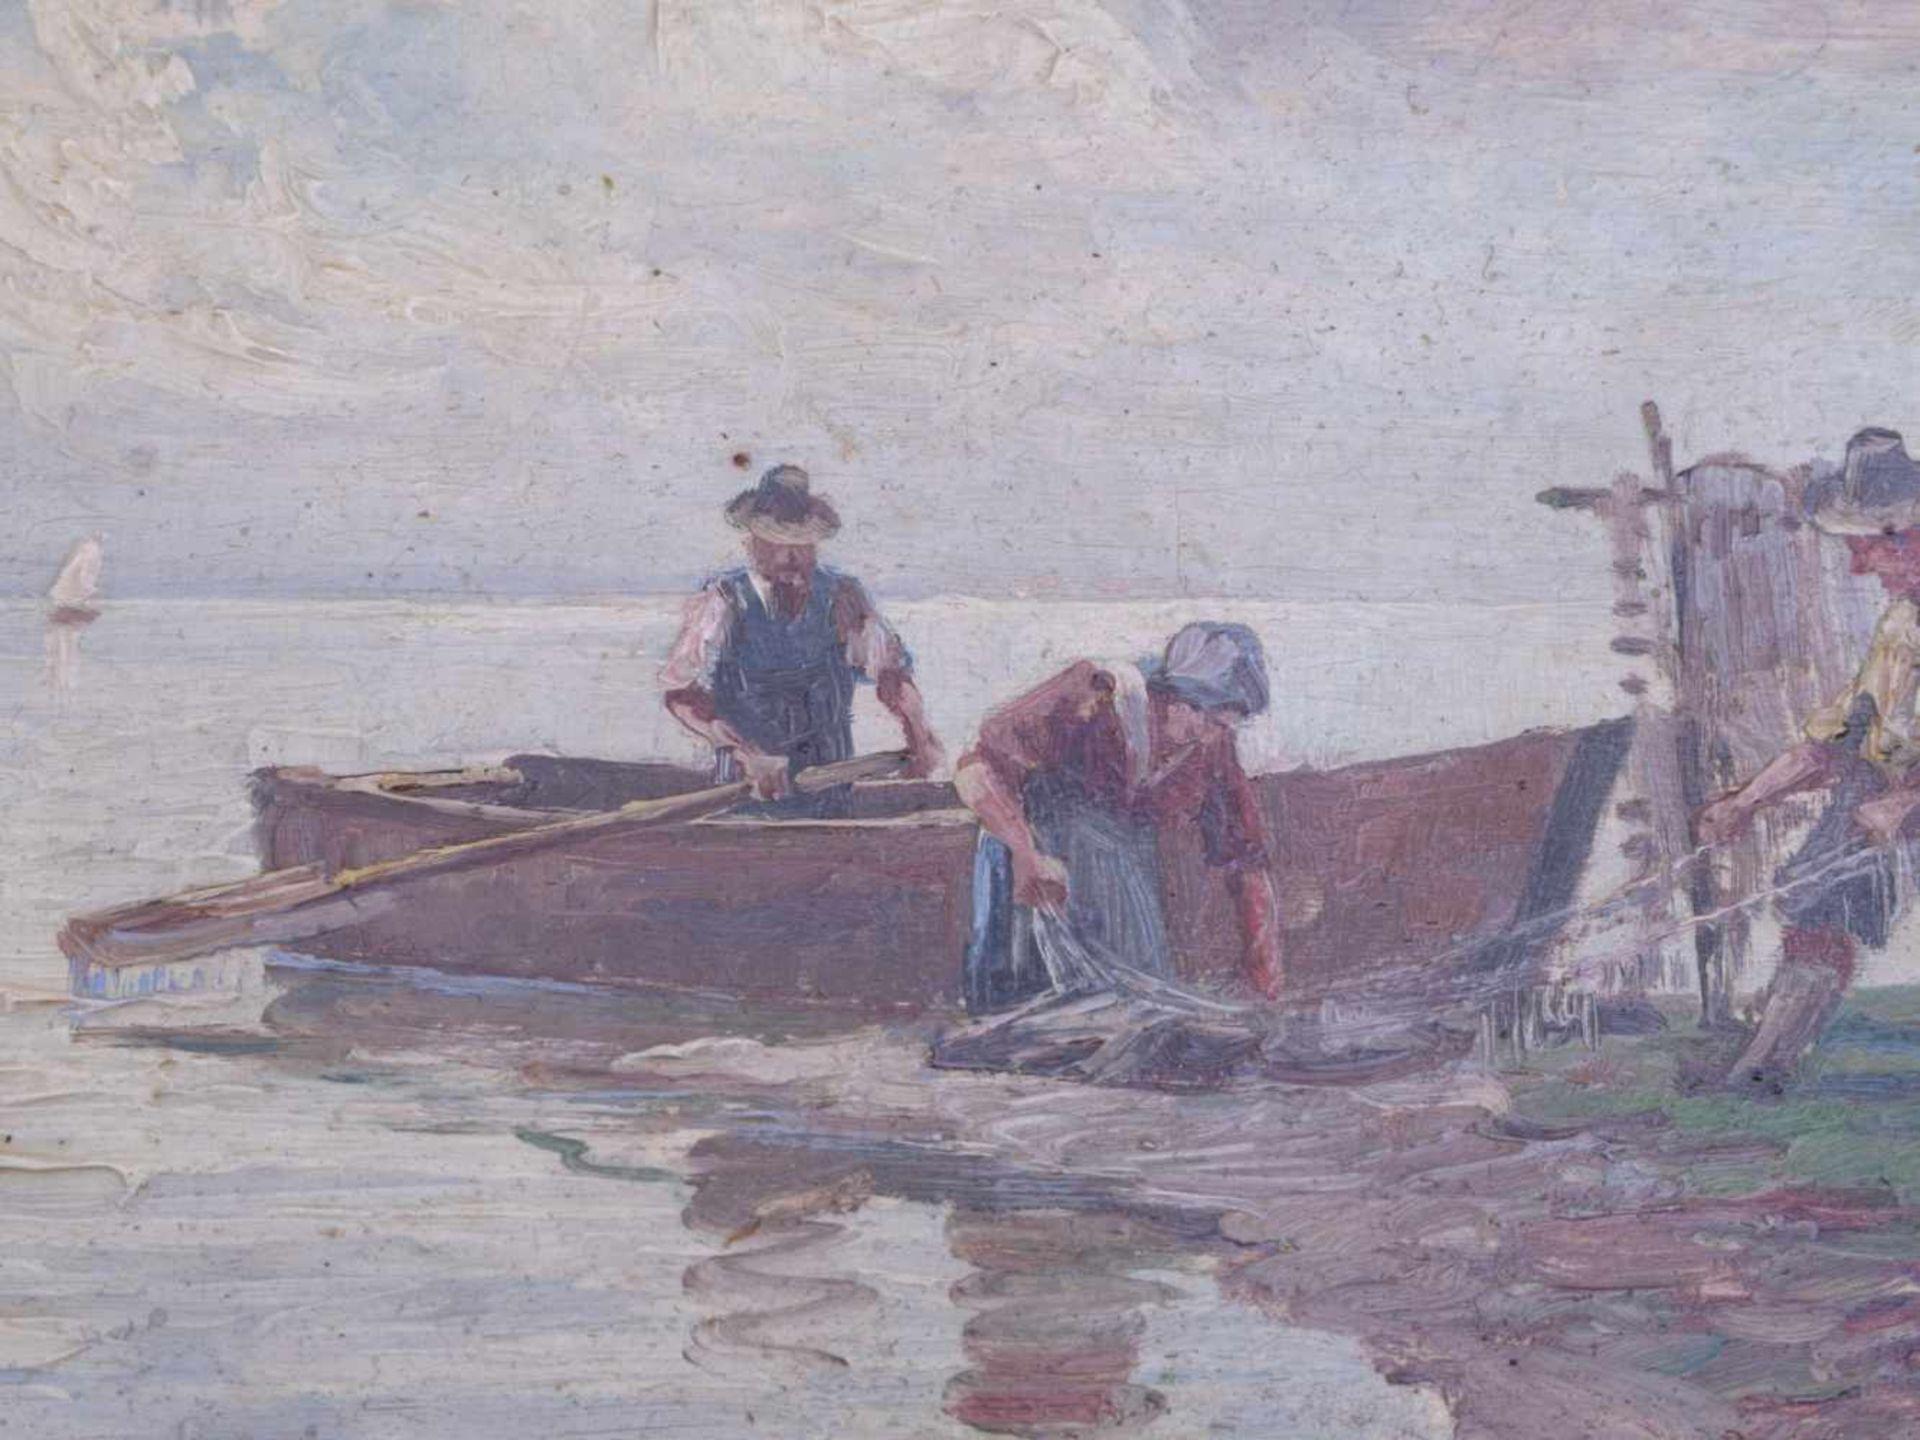 Kettemann, Erwin (1897-1971) - Fischer am Chiemsee MünchenBlick auf drei Fischer am Ufer des Sees, - Bild 4 aus 5